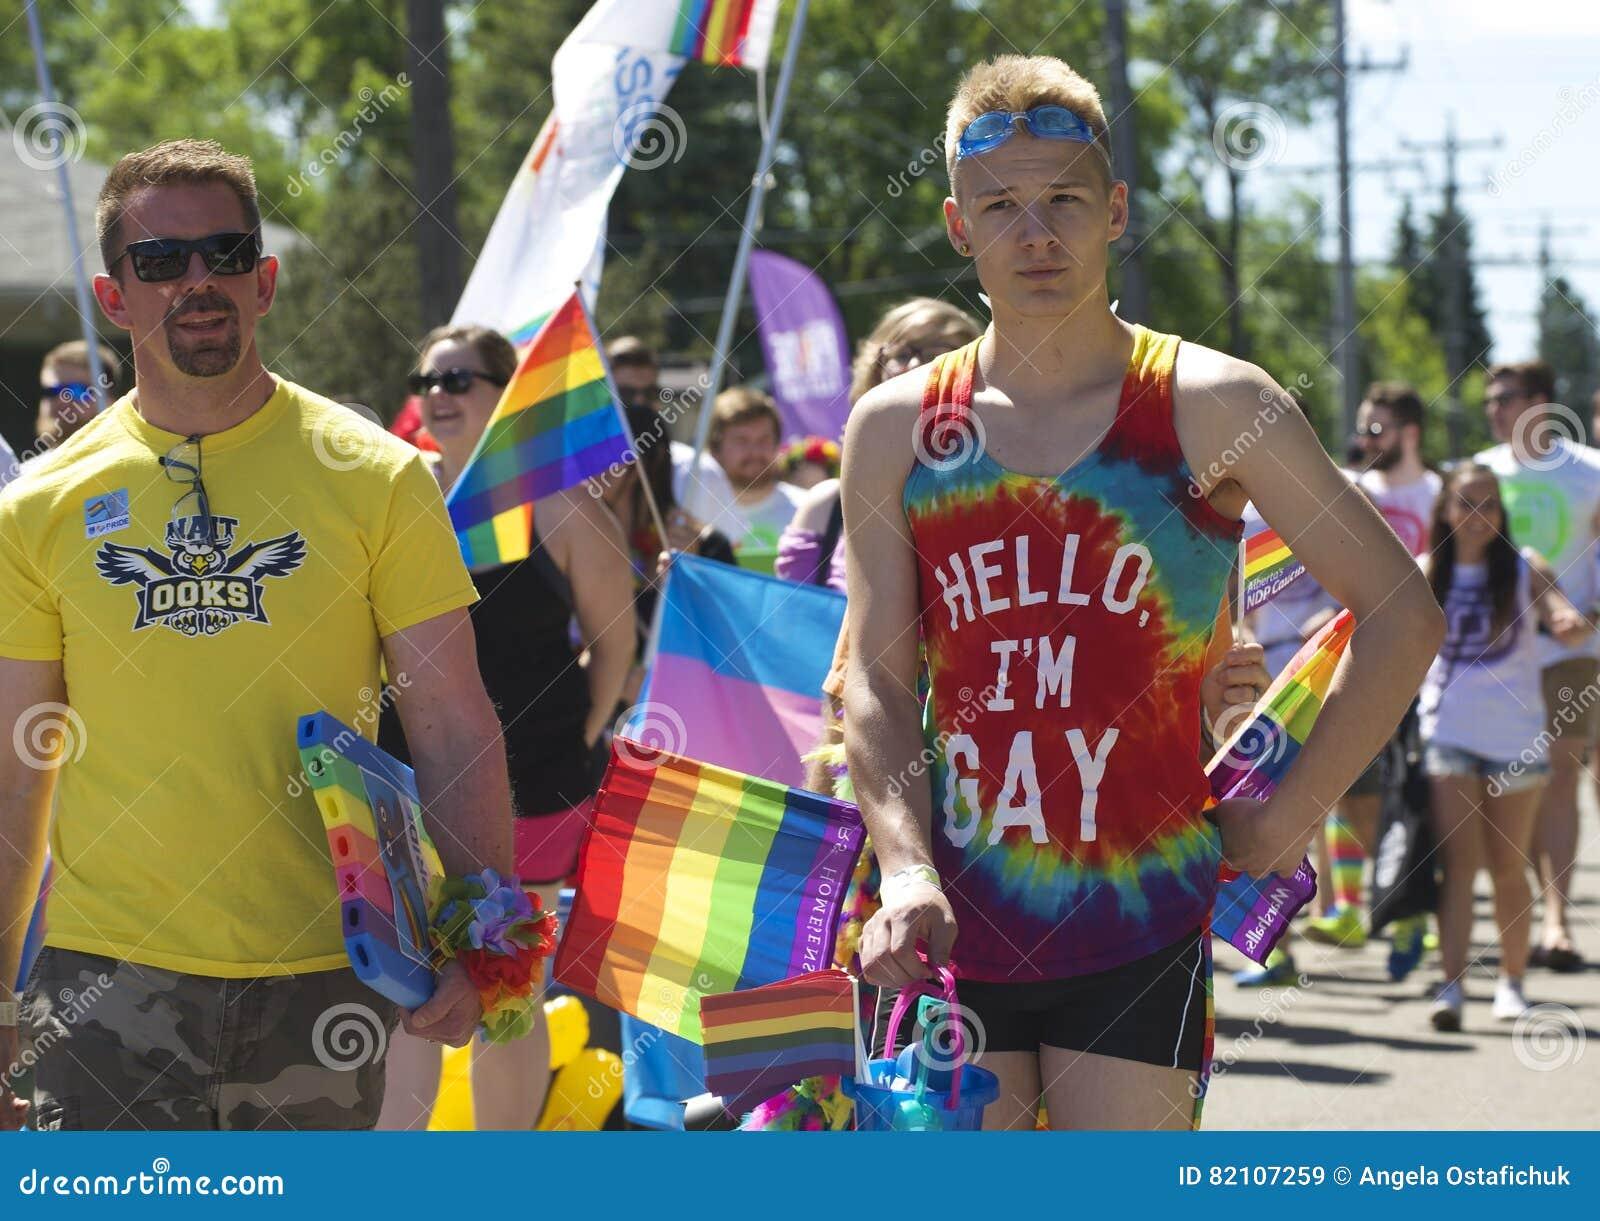 Edmonton Kanada-Juni 10, 2016: Folket firar stolthet